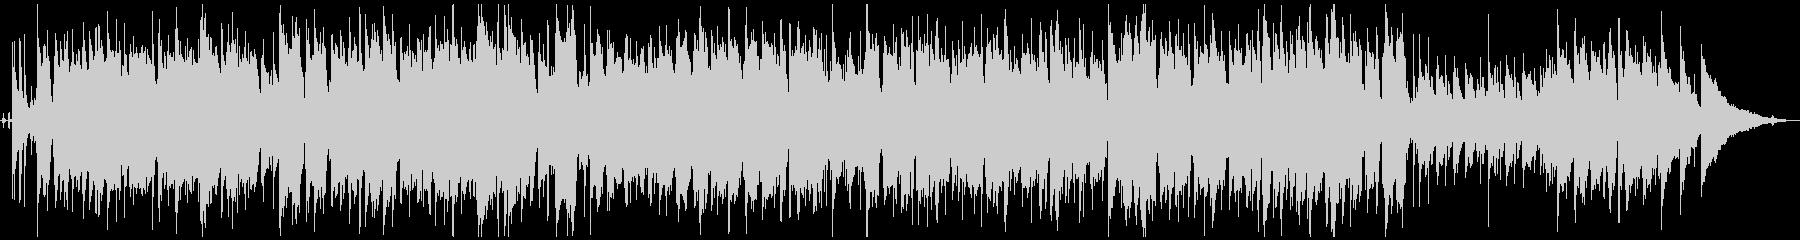 フルート/サックス 優しさのあるジャズの未再生の波形